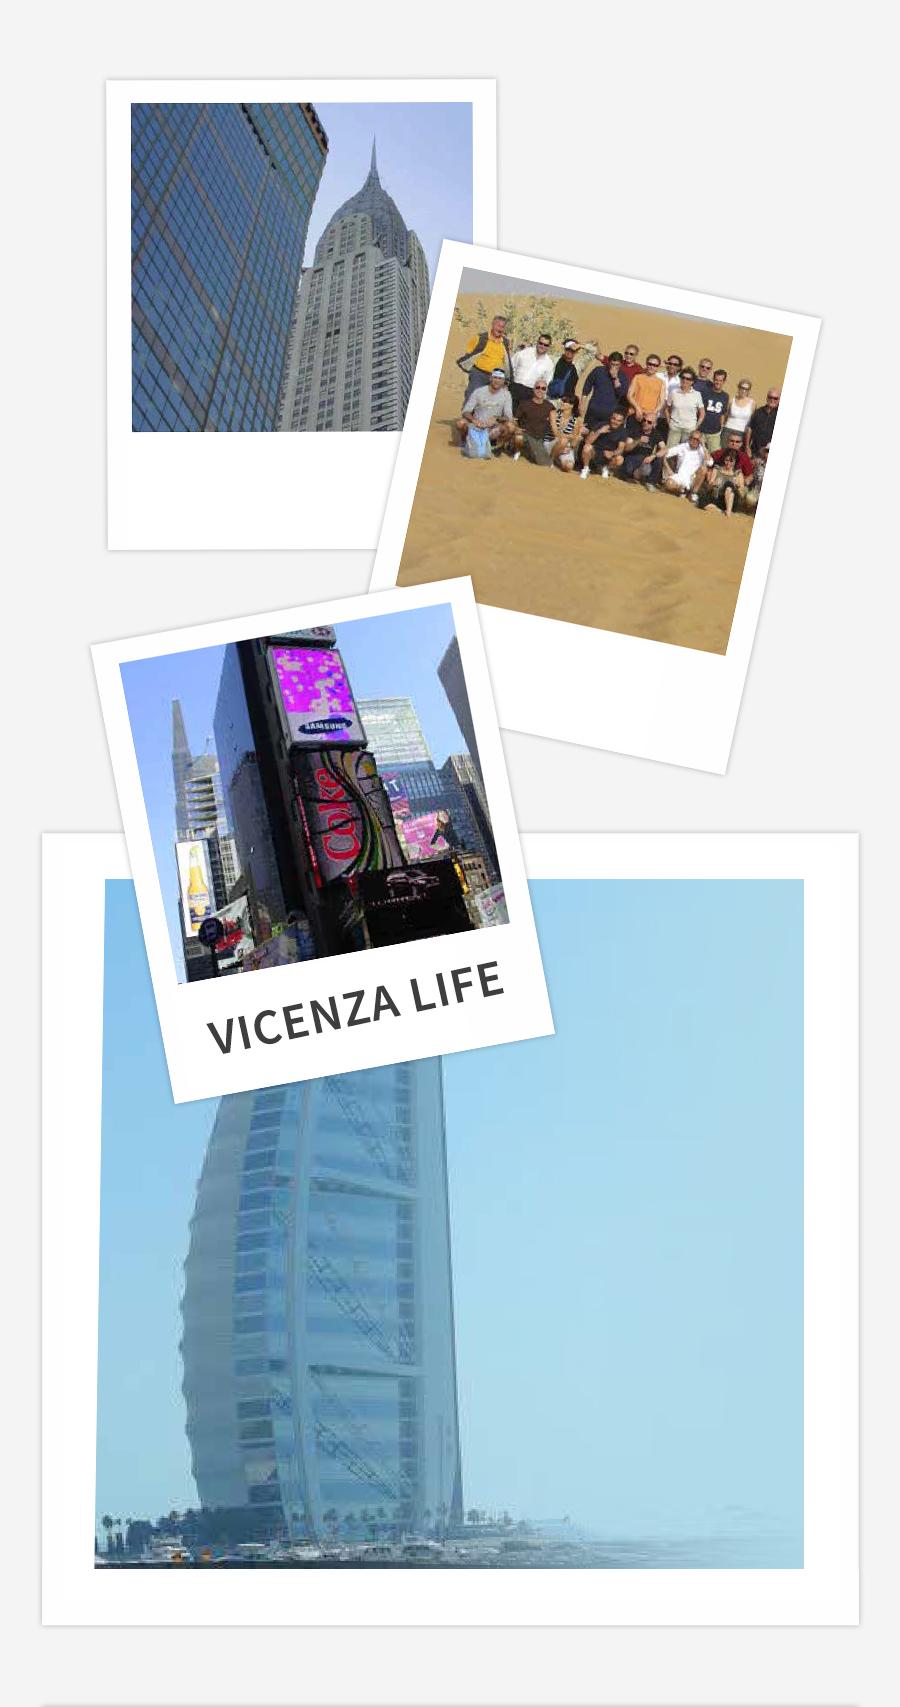 Vicenza Life